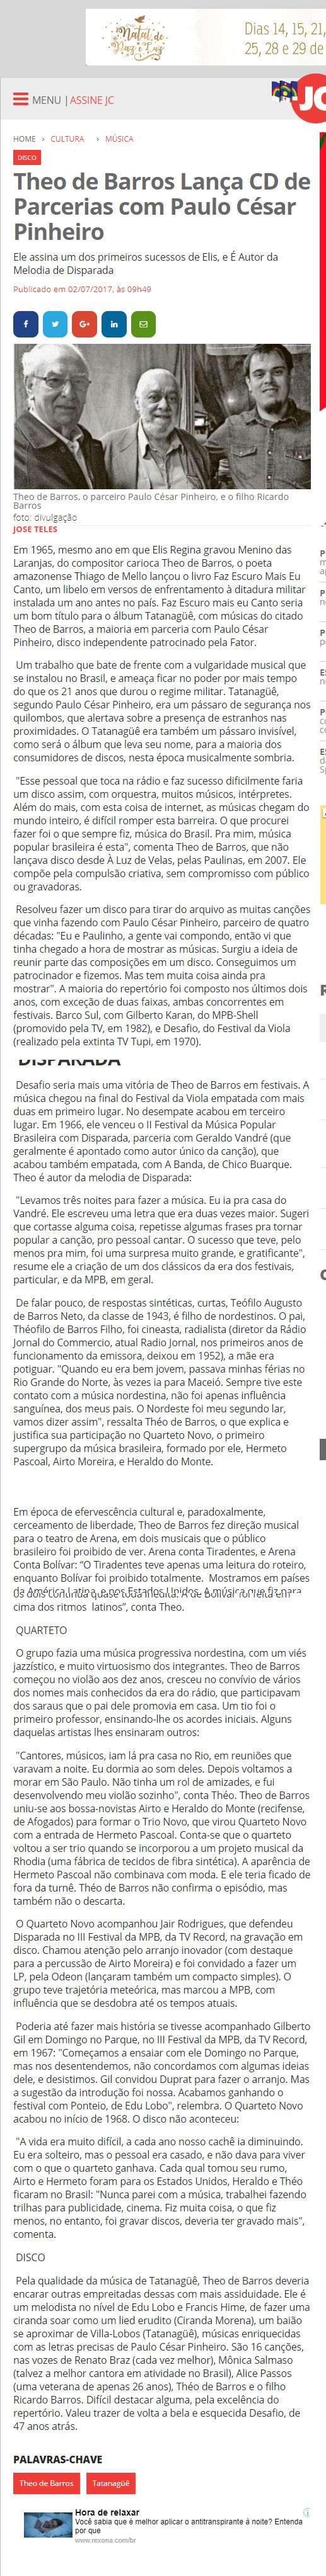 Theo De Barros Jornal Do Comércio Assessoria De Imprensa Iara Imprensa